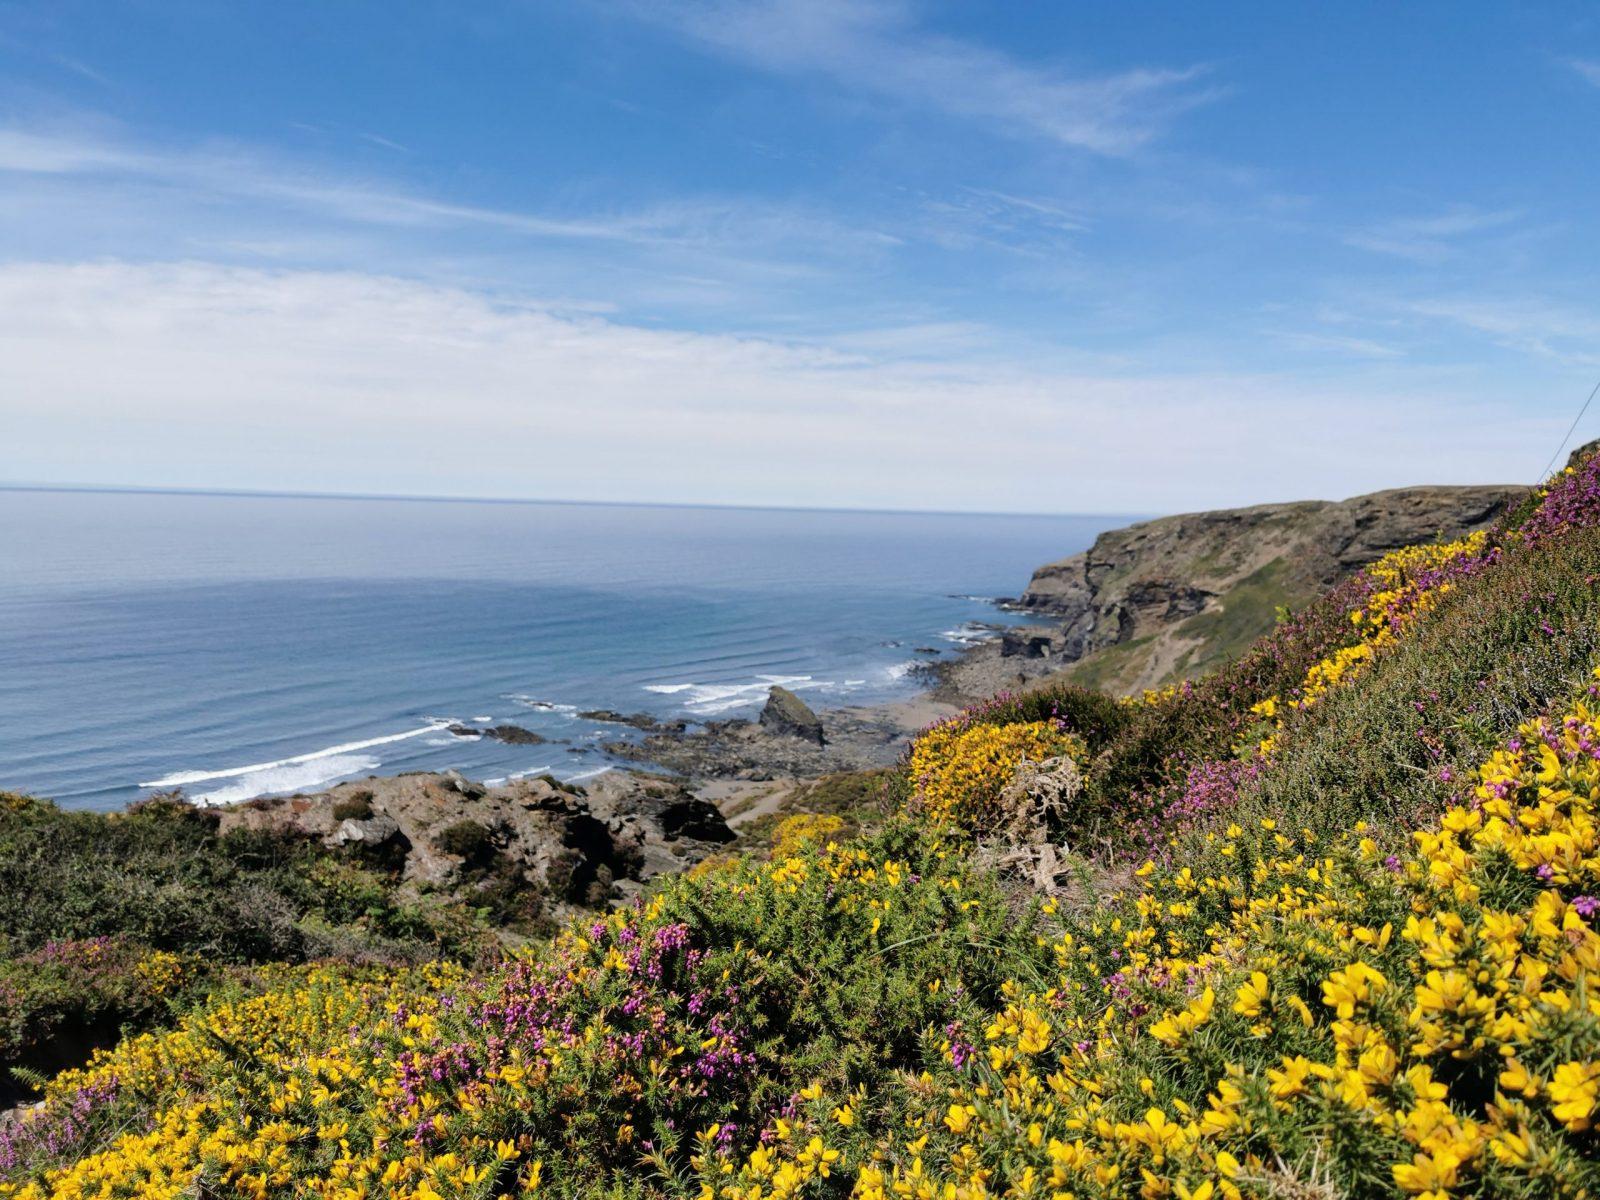 The Strangles Beach & Trail: A Hidden & Quiet Beach in Cornwall 1